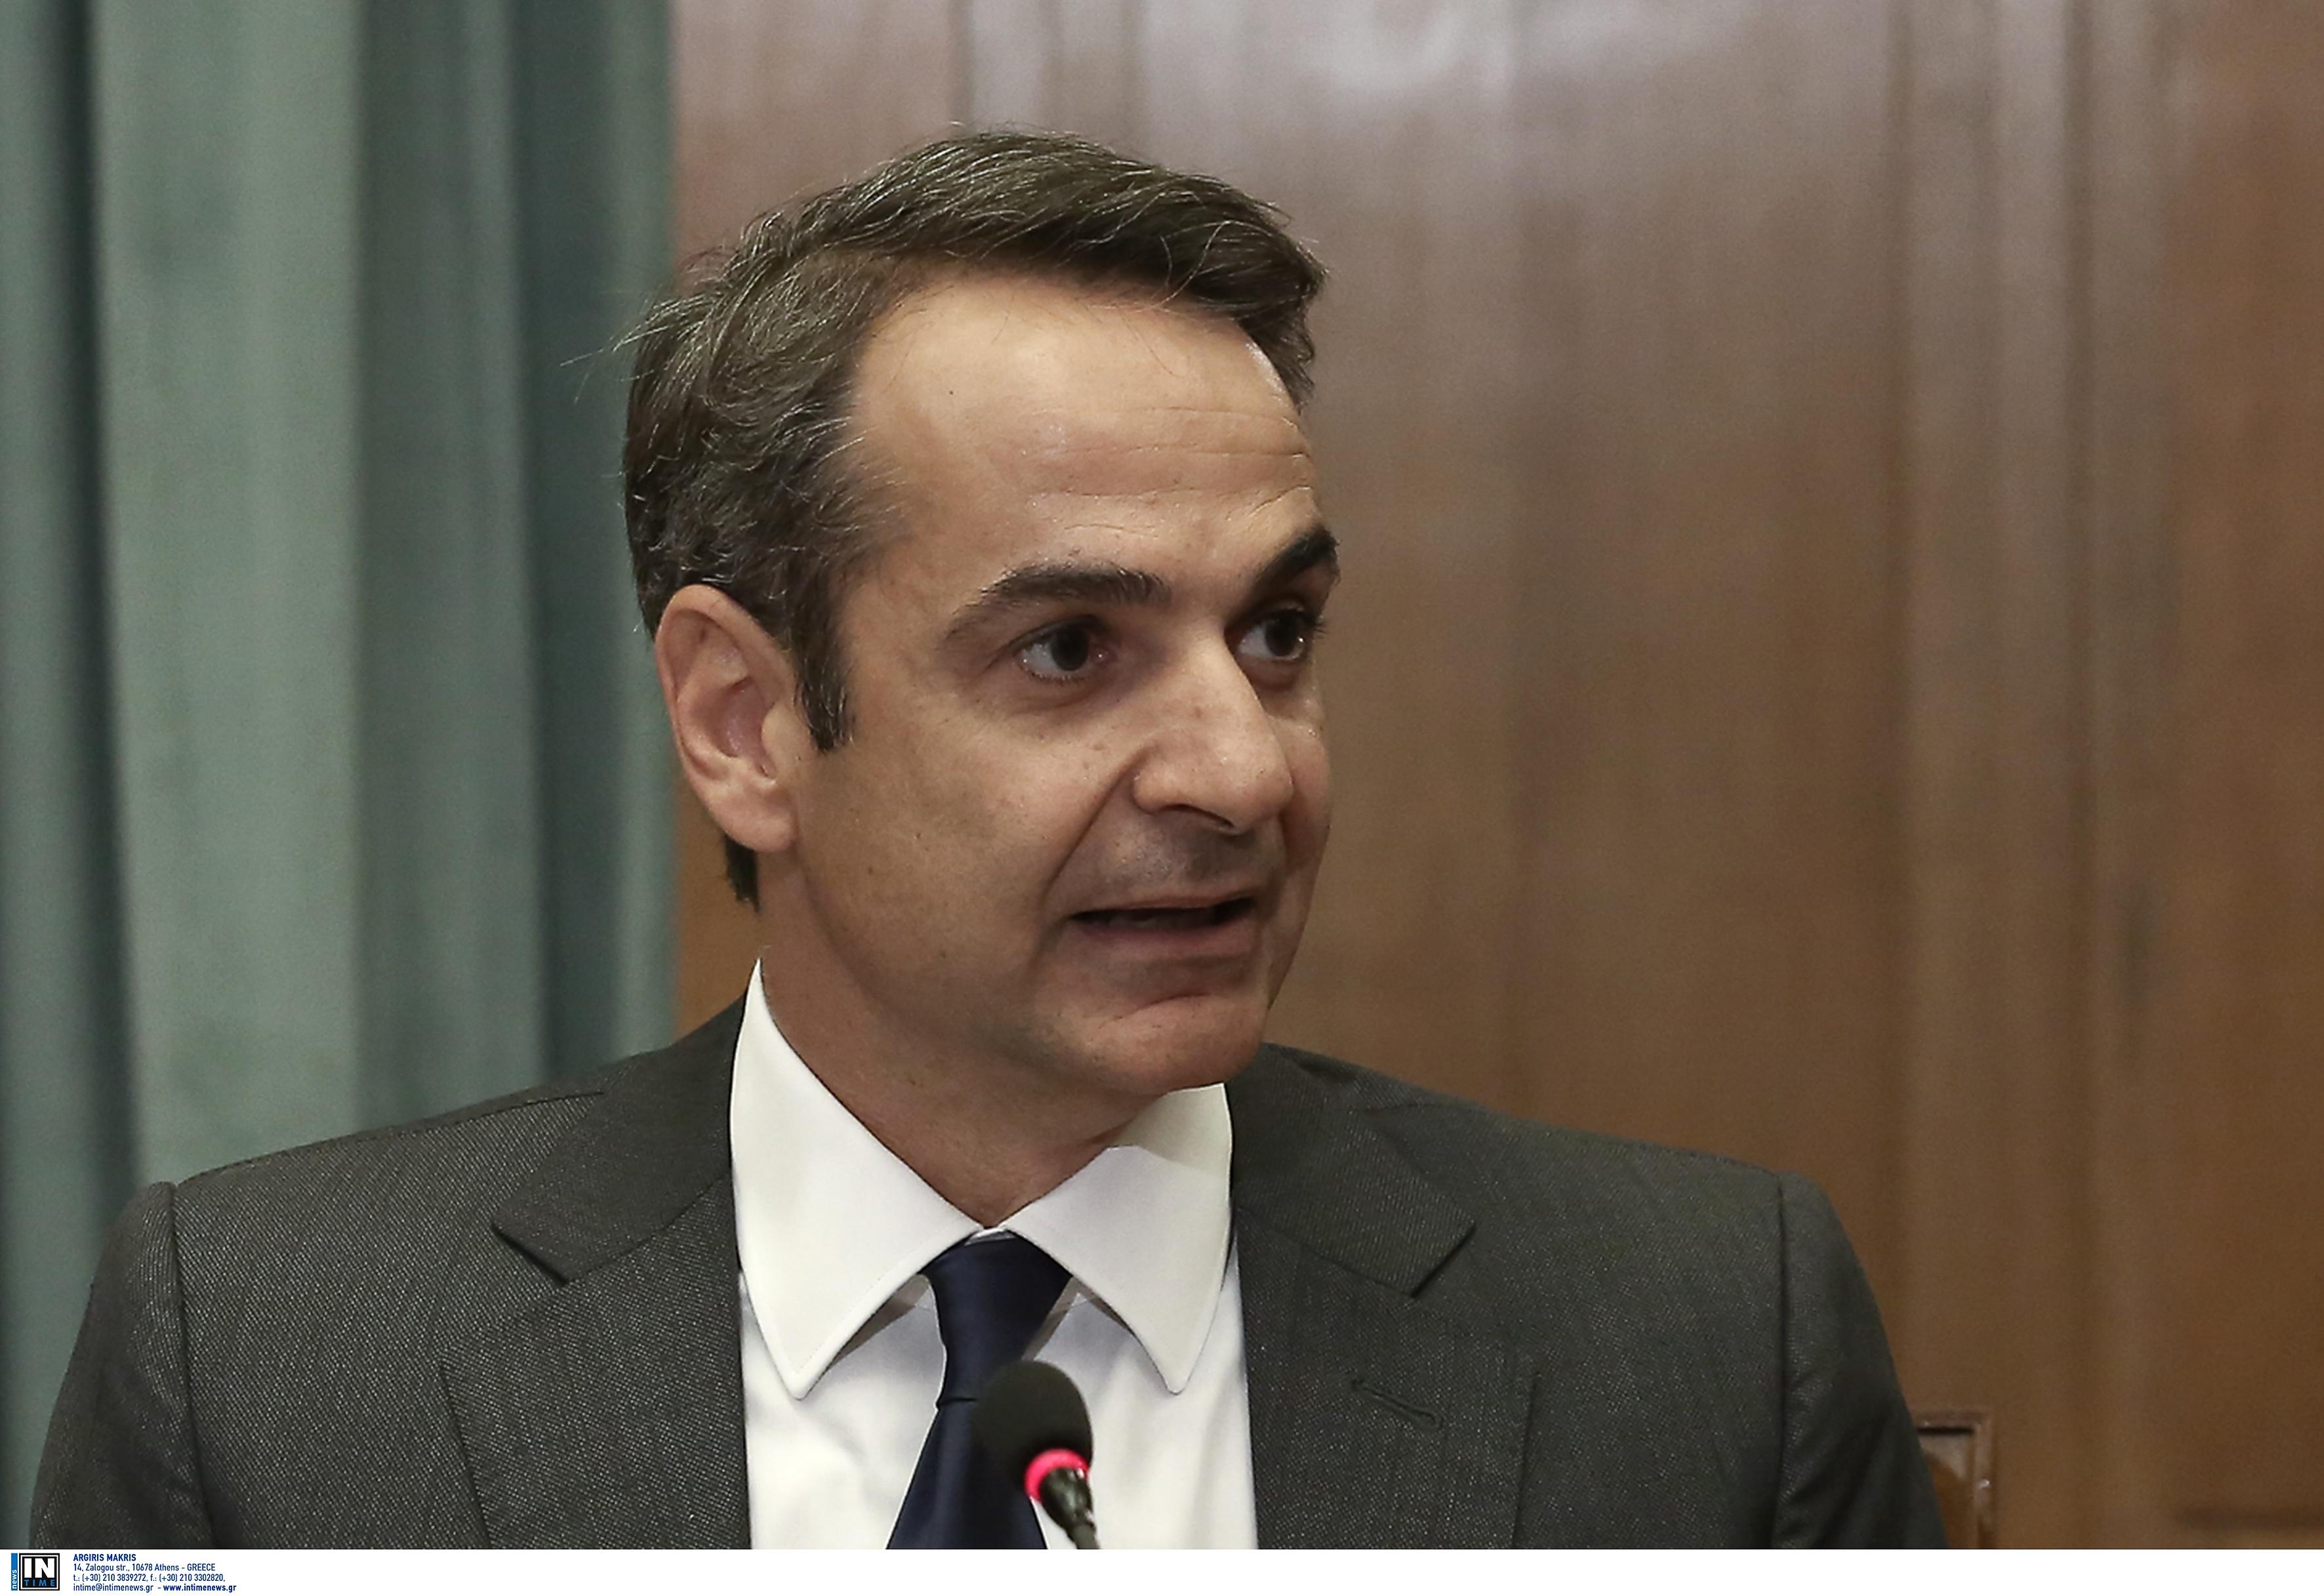 Μητσοτάκης: Έγιναν πολλά λάθη κατά την εφαρμογή των προγραμμάτων λιτότητας στην Ελλάδα